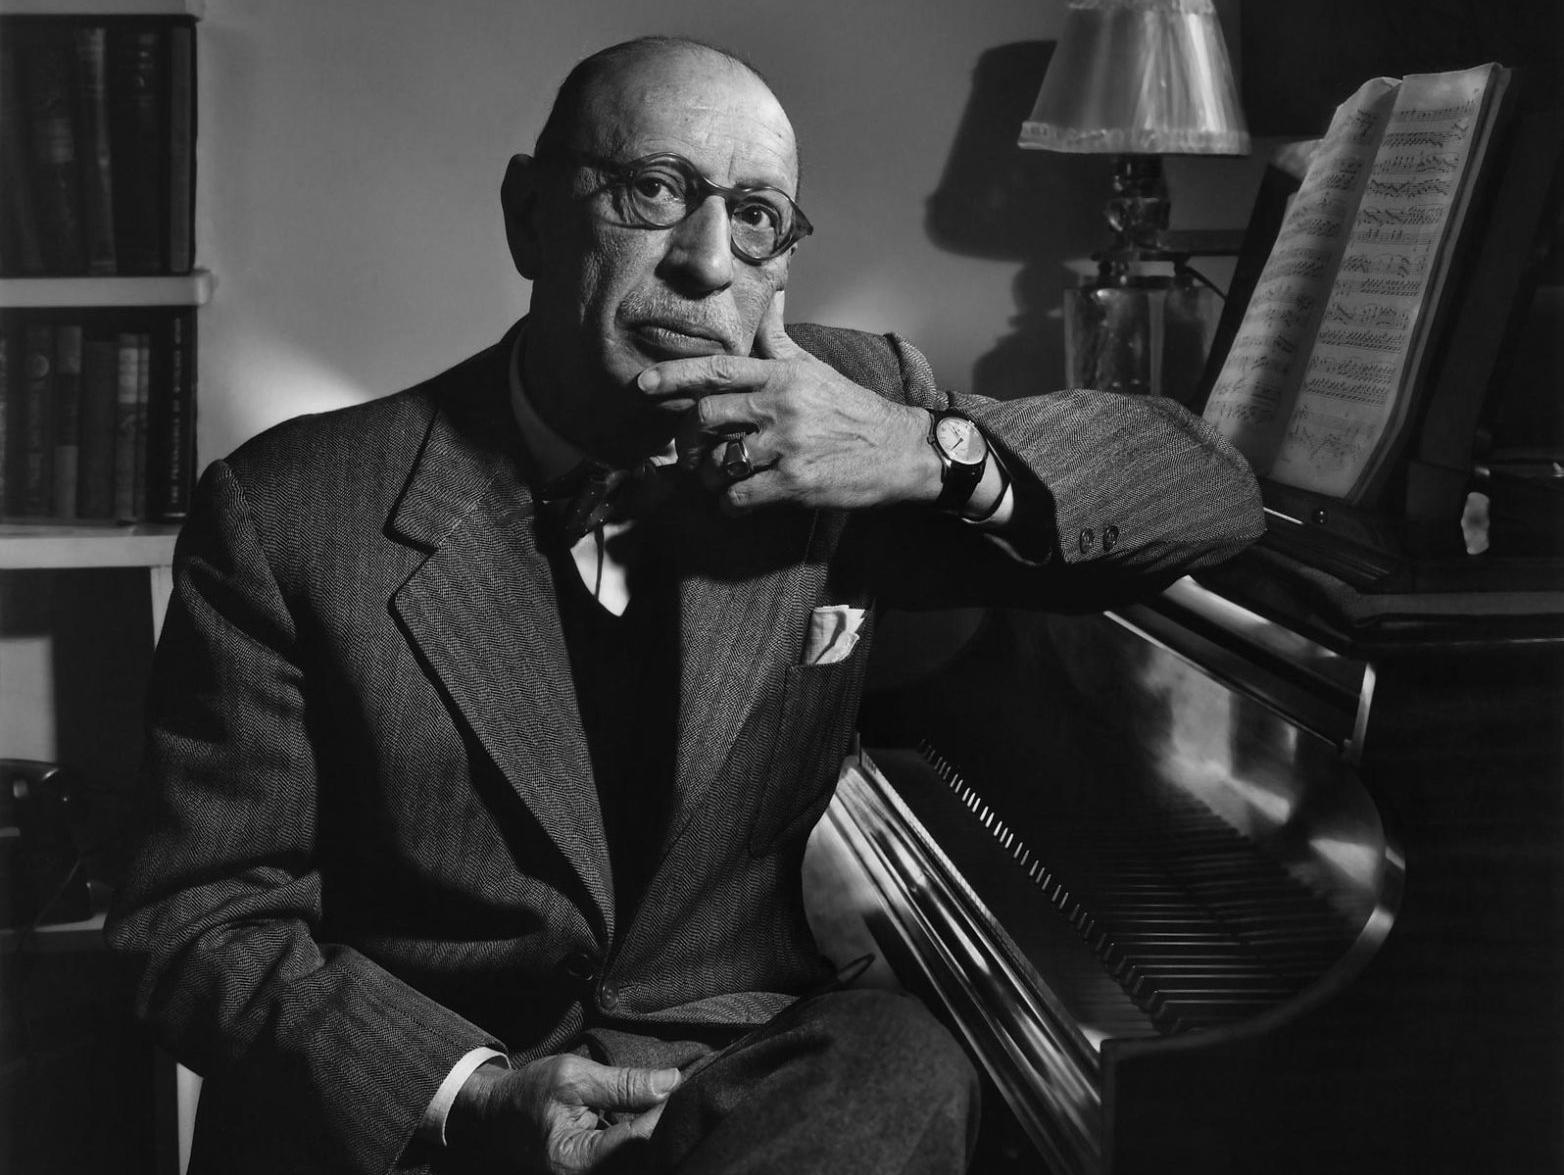 """Igor Stravinsky'nin """"The Rake's Progress"""" (Hovardanın Sonu) operası İstanbul'da"""